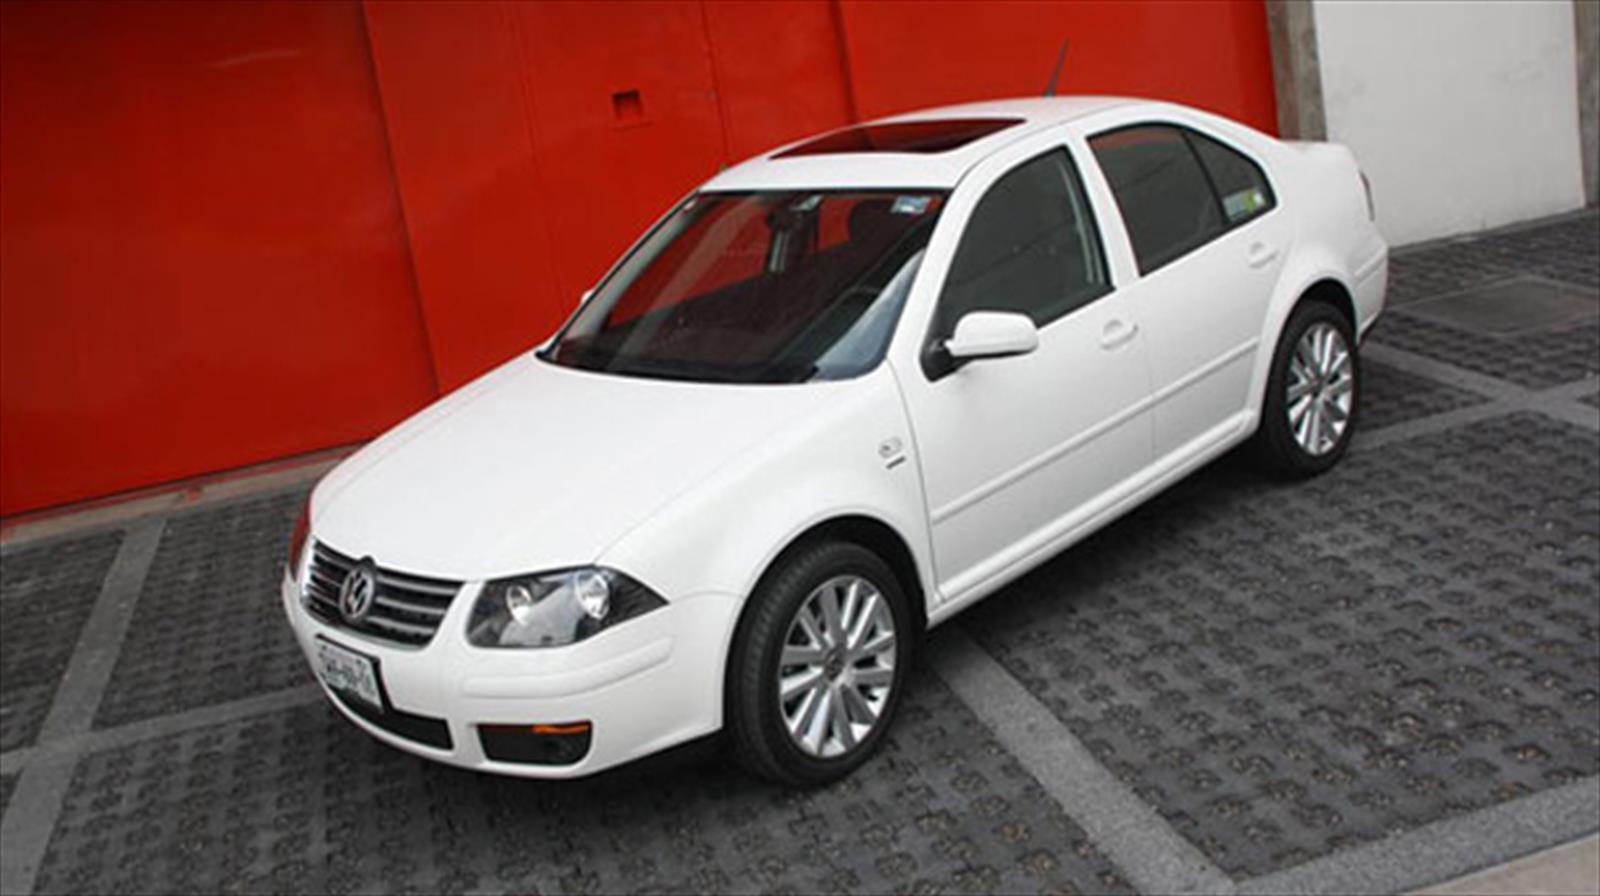 Adiós al Volkswagen Clásico! (Jetta IV) - Autocosmos.com